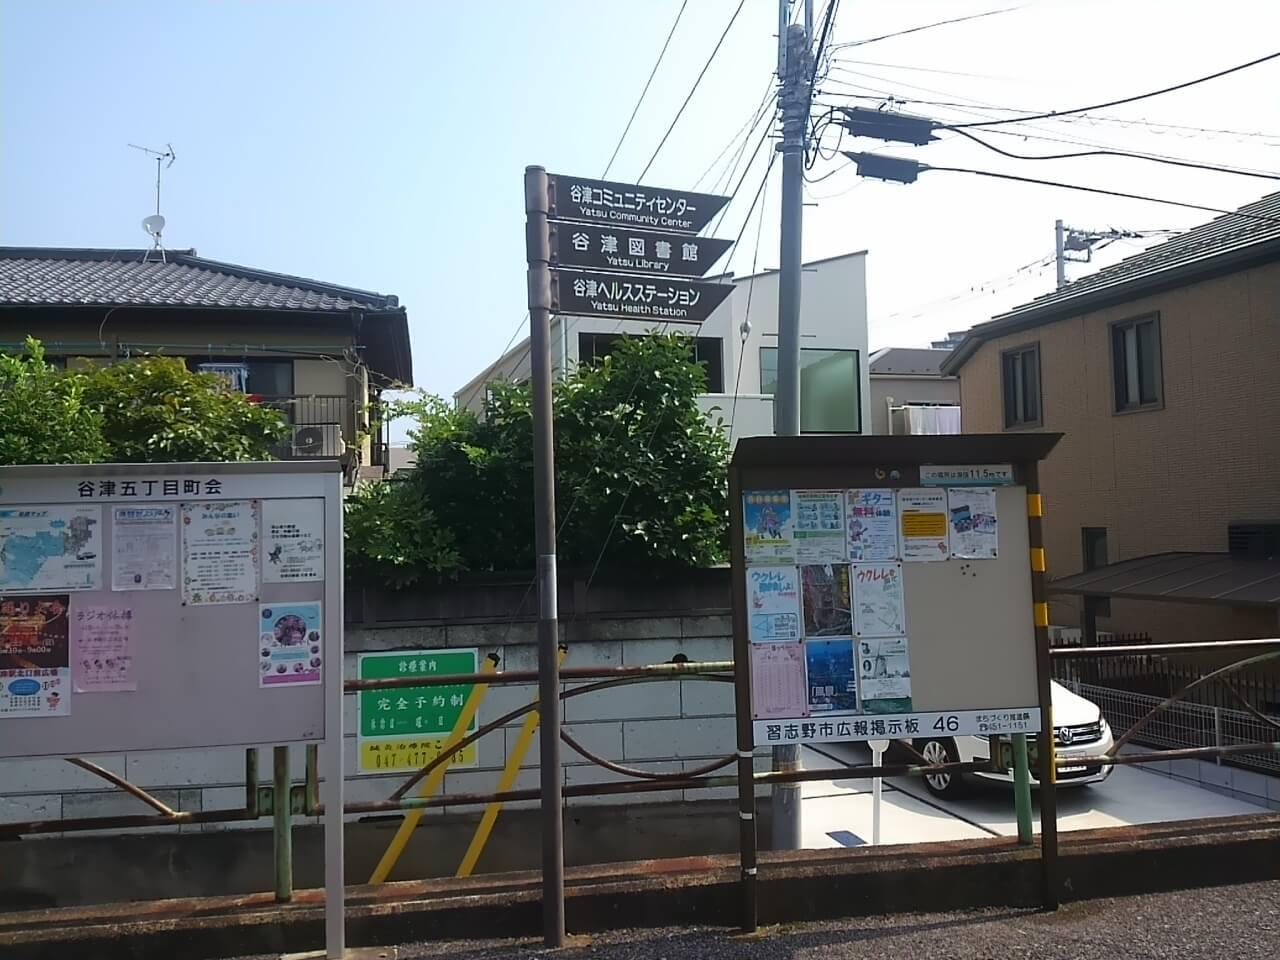 谷津コミュニティーセンター行き方